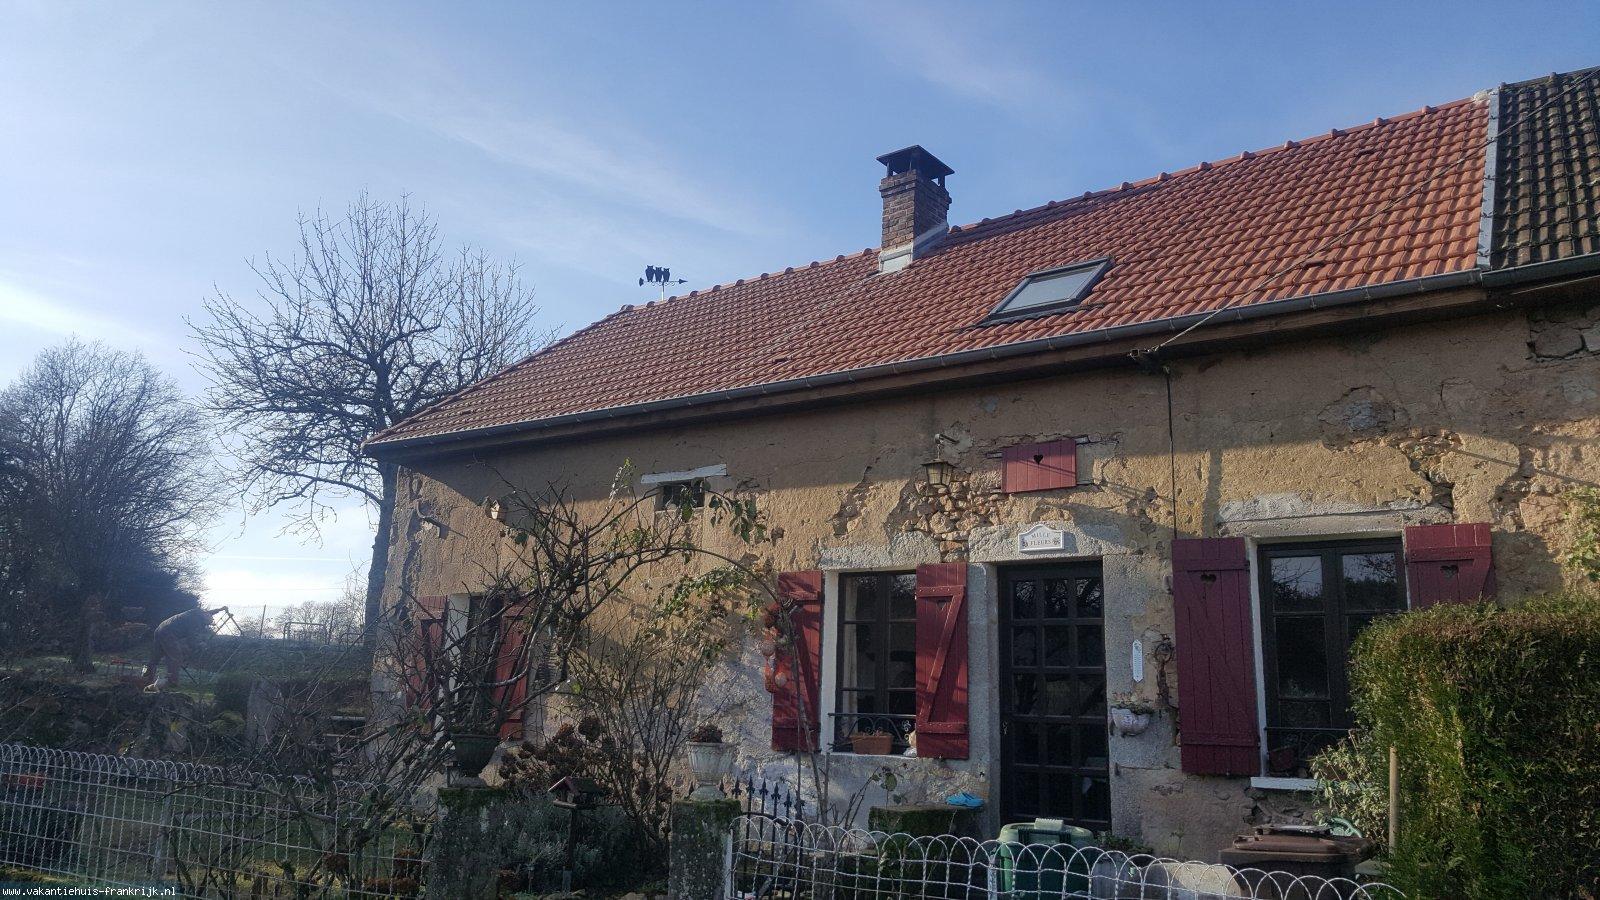 Vakantiehuis: Sfeervol vakantiehuis met prachtig uitzicht,vakantiehuizen in de Morvan (Bourgogne) te huur. te huur voor uw vakantie in Nievre (Frankrijk)